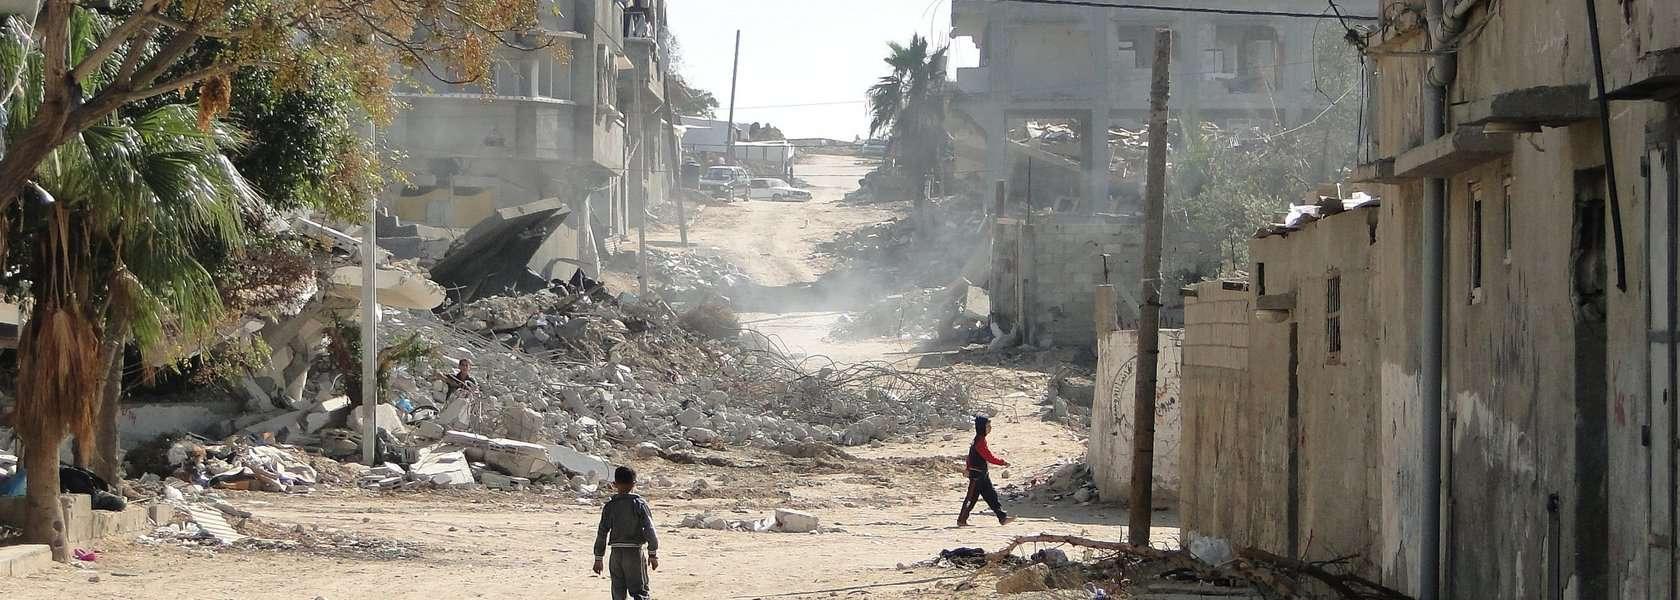 اسرائیل ـ سرزمینهای اشغالی فلسطین: تداوم دشمنی با سازمانهای حقوق بشر